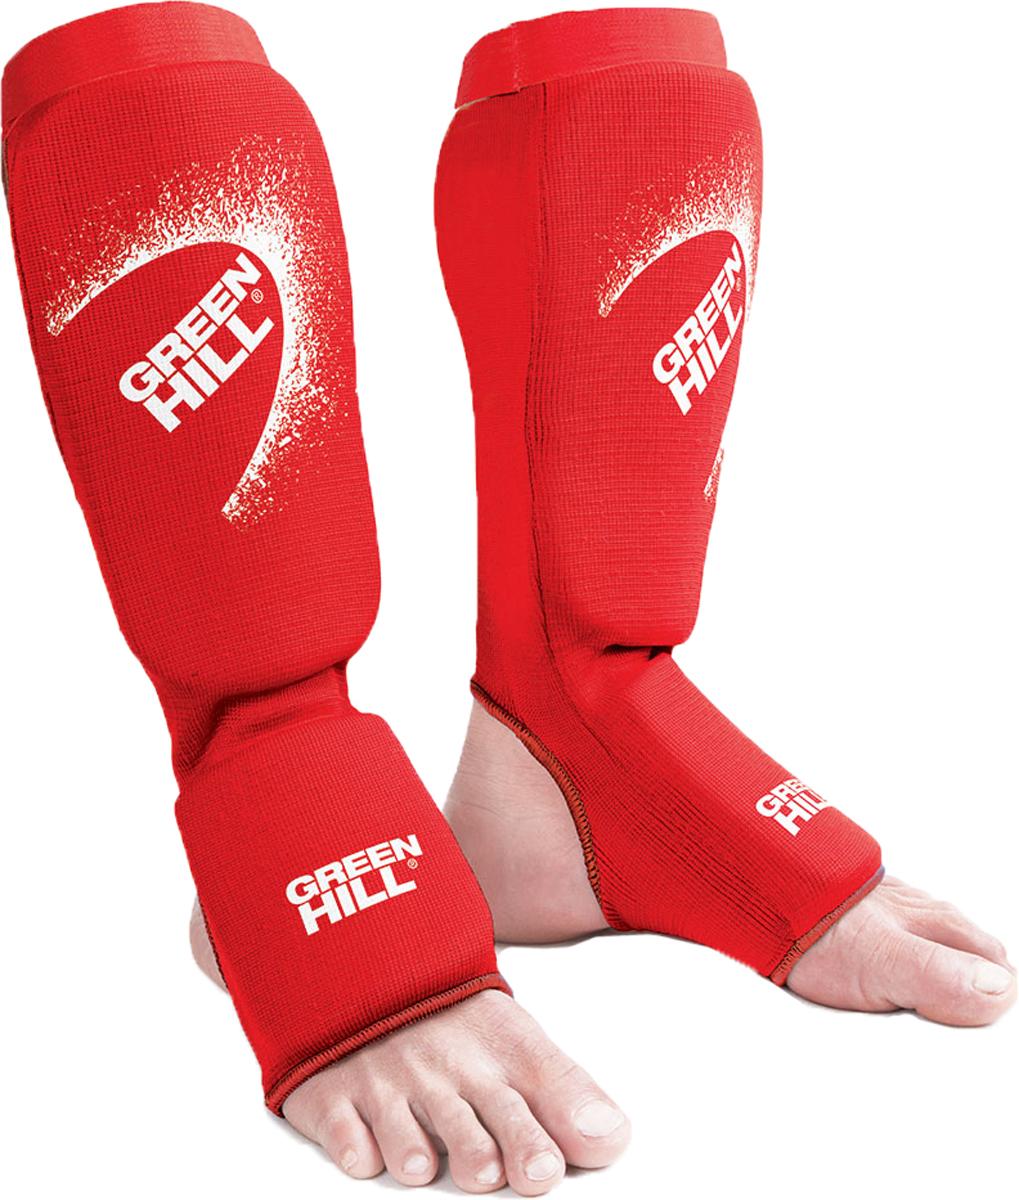 Защита голени и стопы Green Hill Эластик, цвет: красный. SIC-6131. Размер M